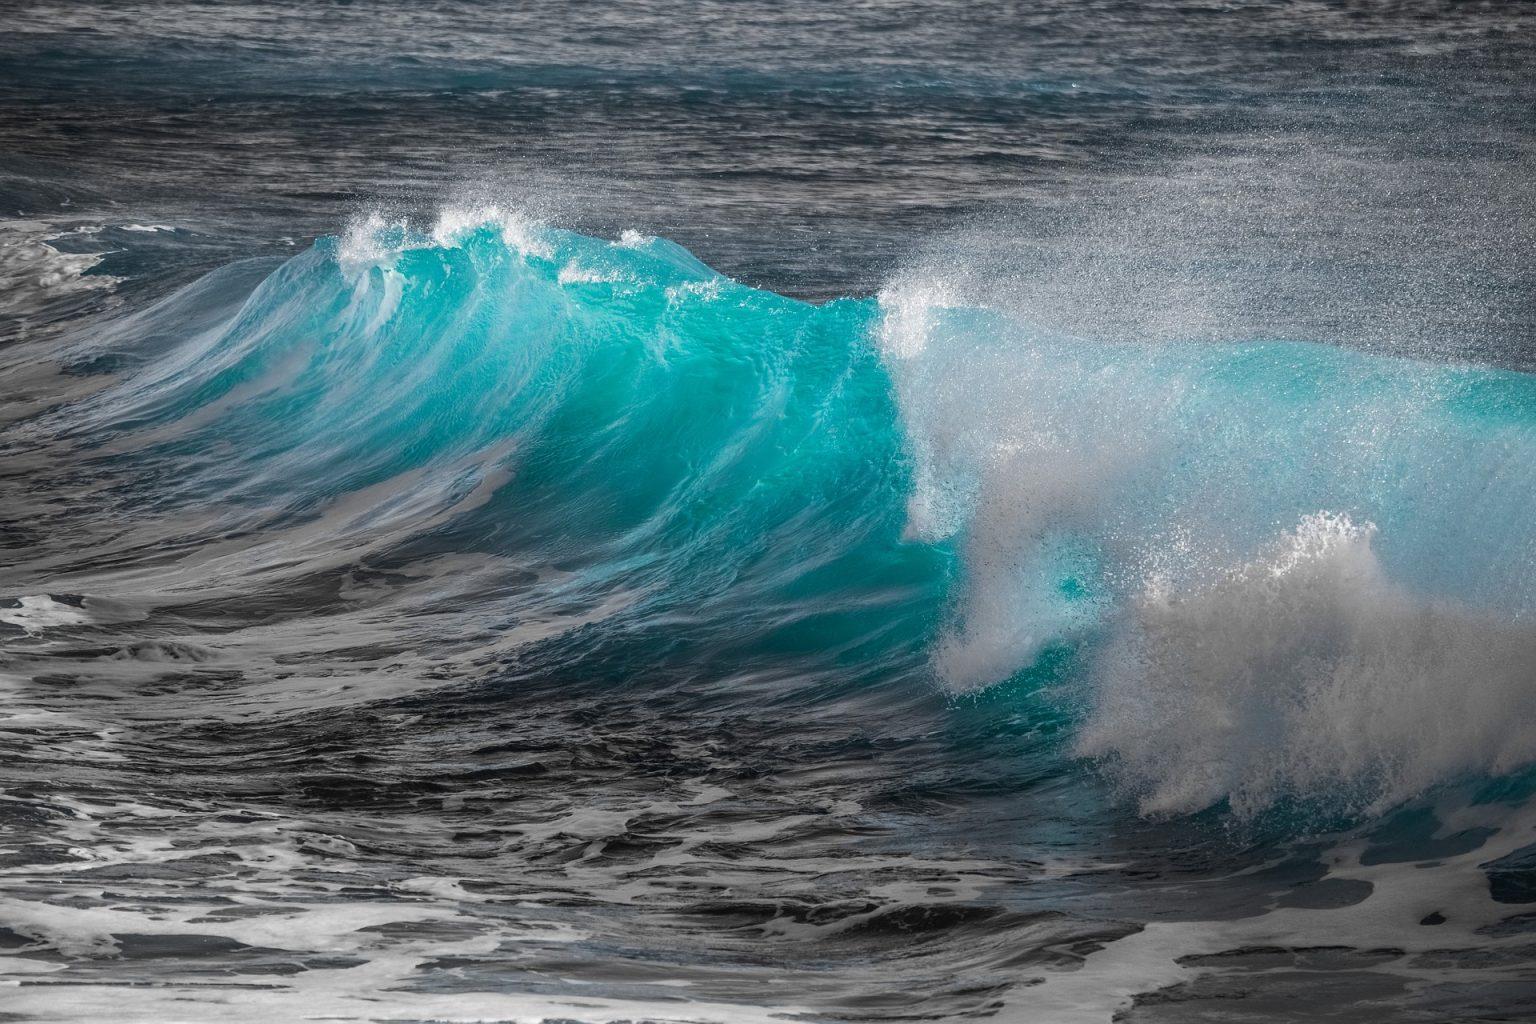 EUA anunciam milhões em financiamento para projetos focados em tecnologia de energia das ondas